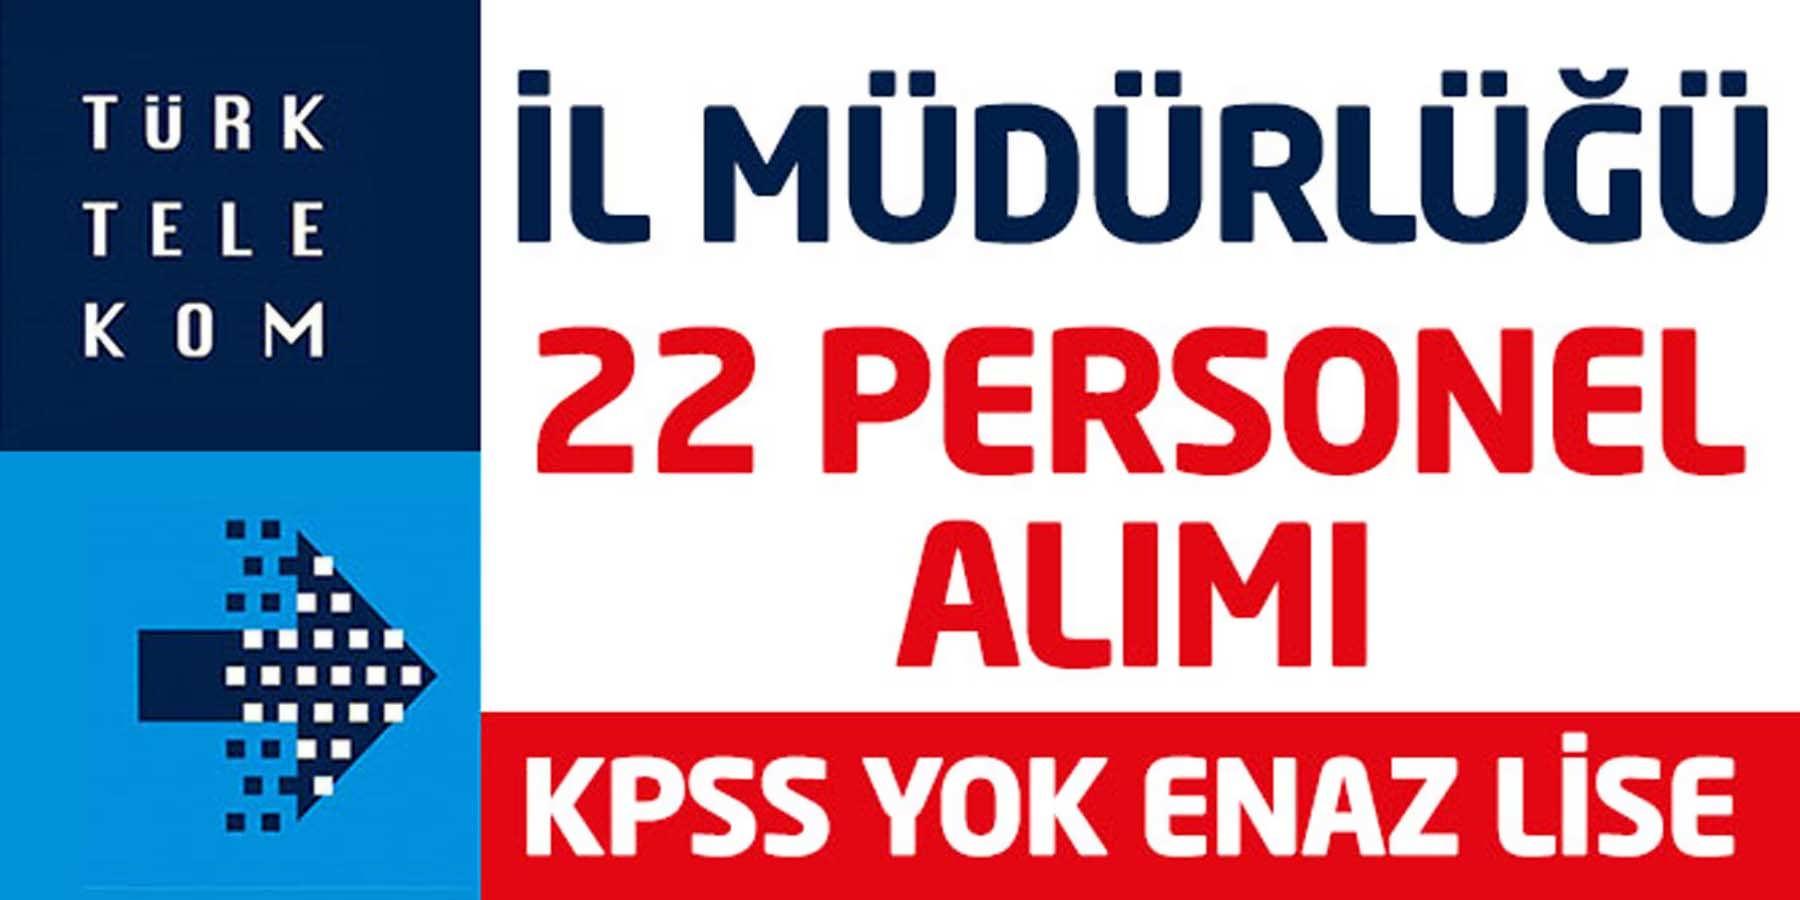 Türk Telekom İl Müdürlüğü KPSS'siz 22 Personel Alımı